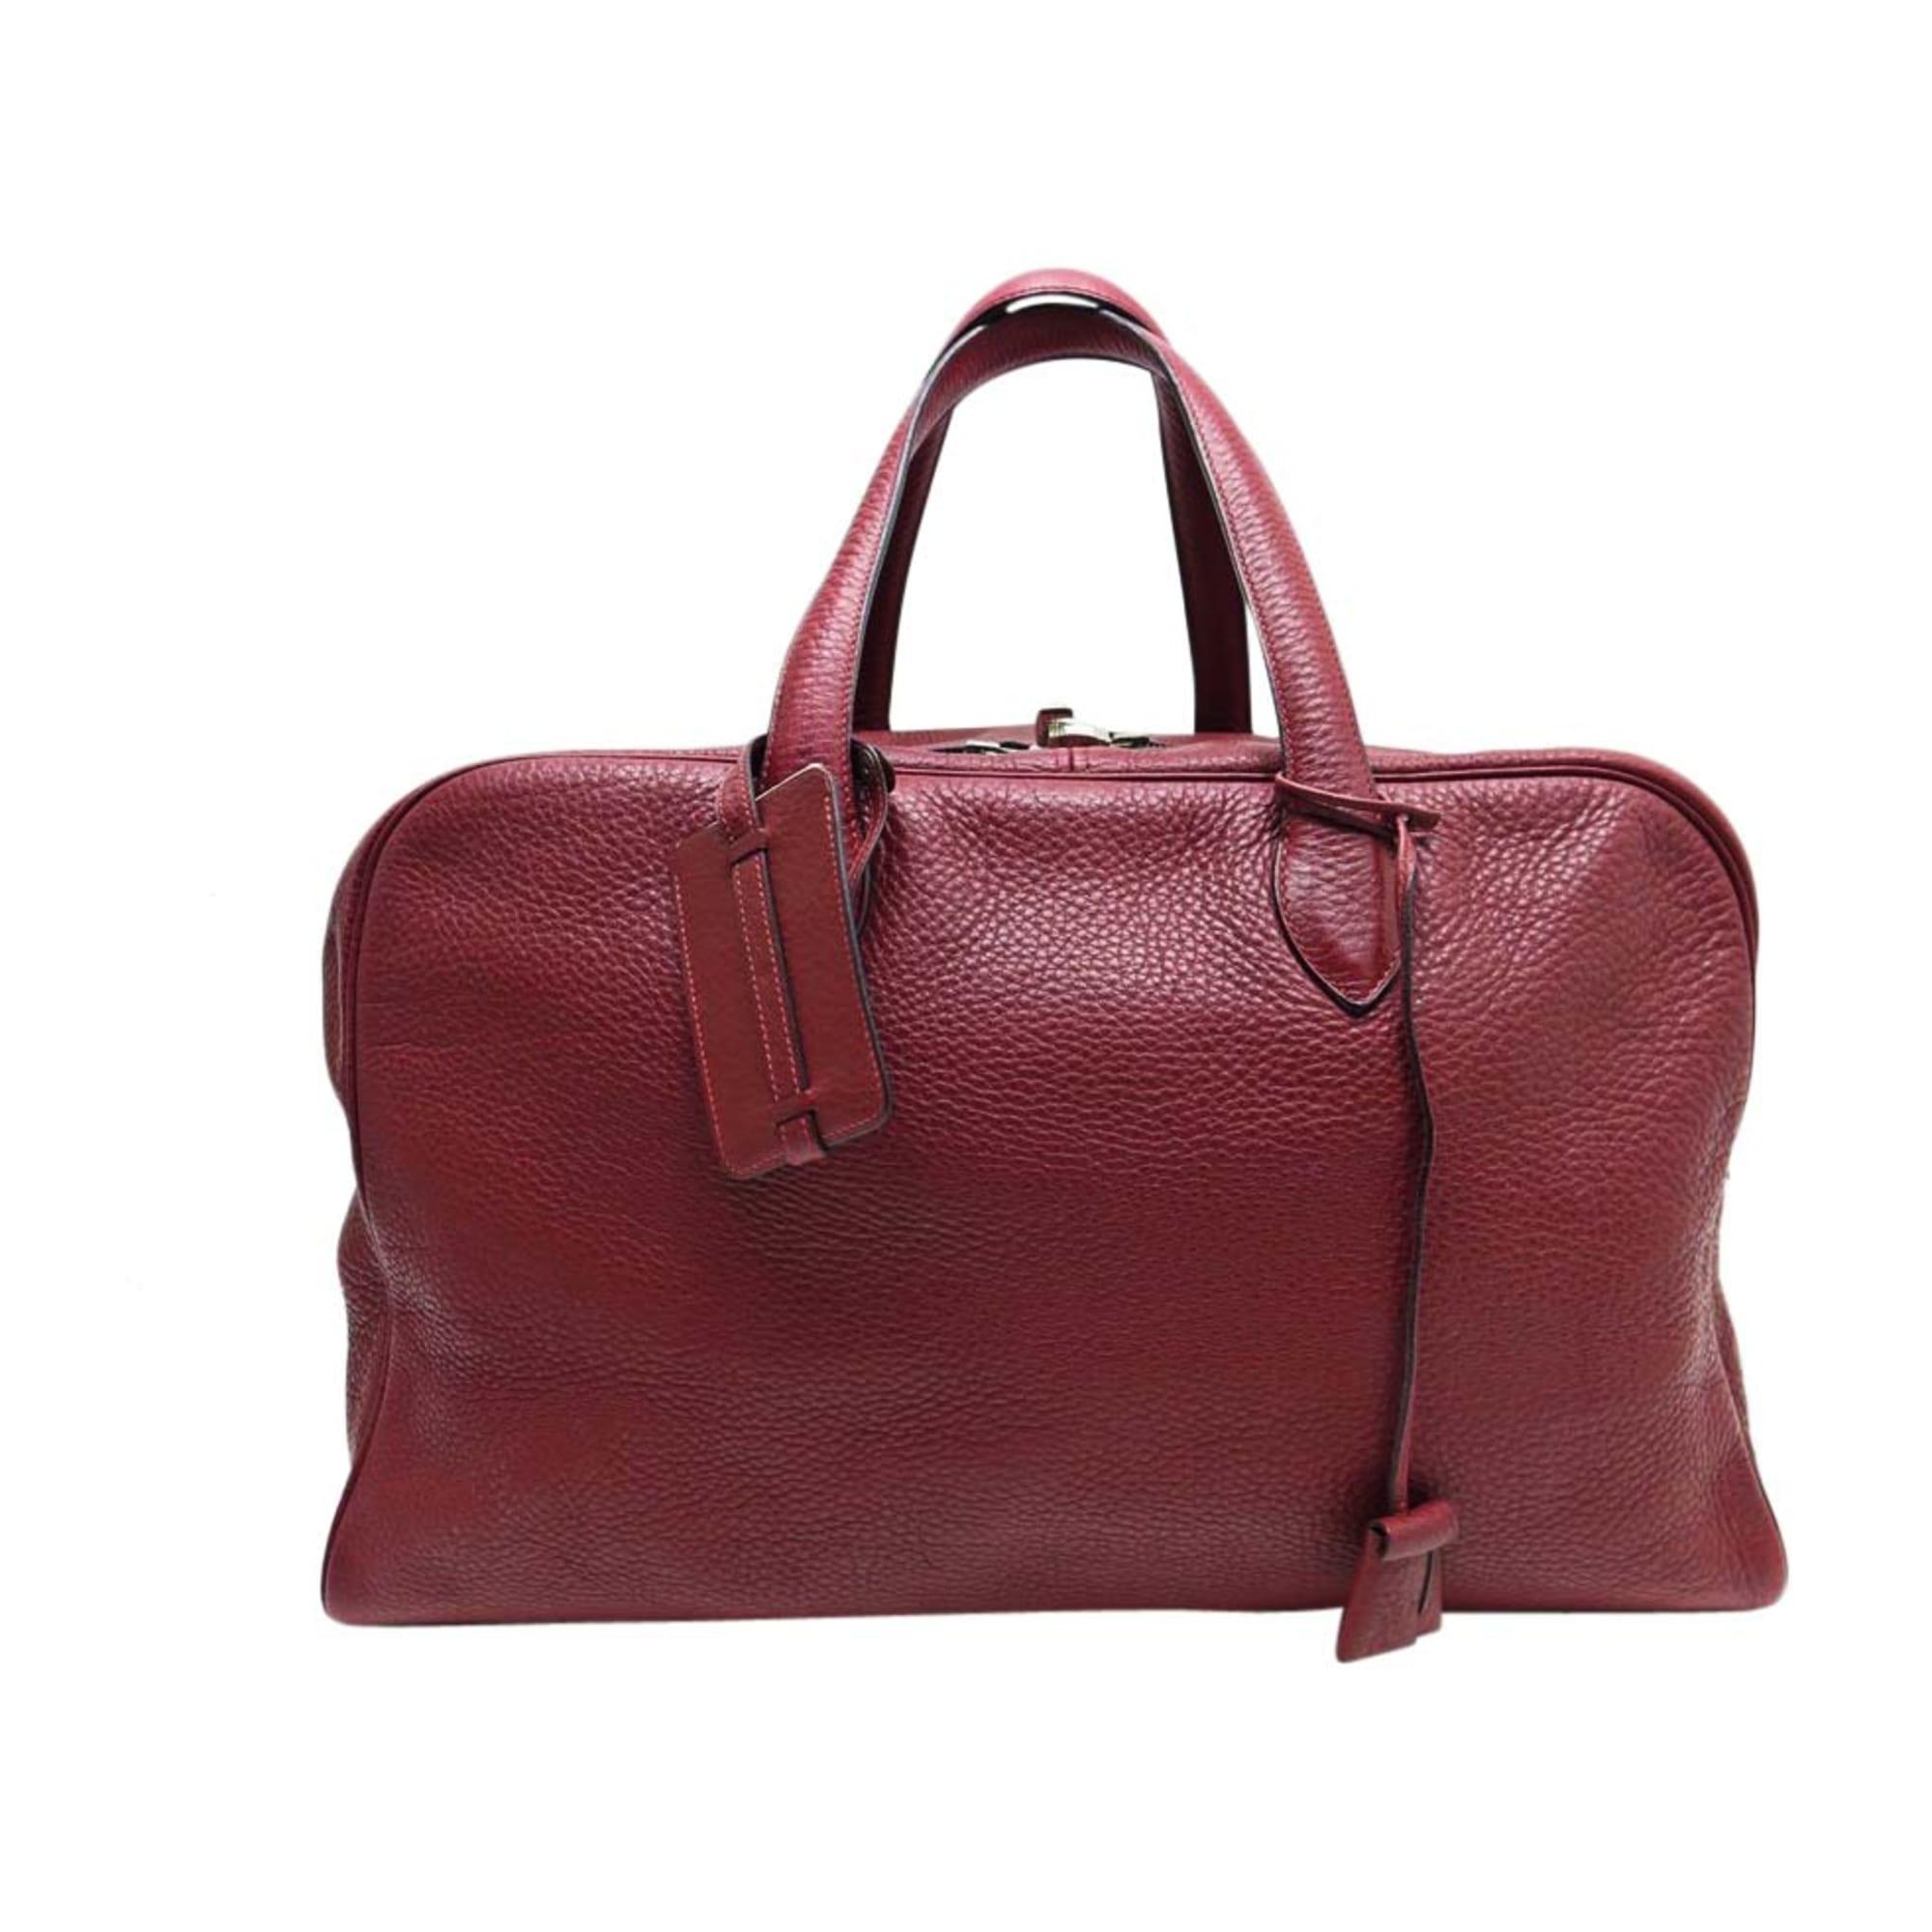 66a1a6575e Sac XL en cuir HERMÈS Victoria II Rouge, bordeaux